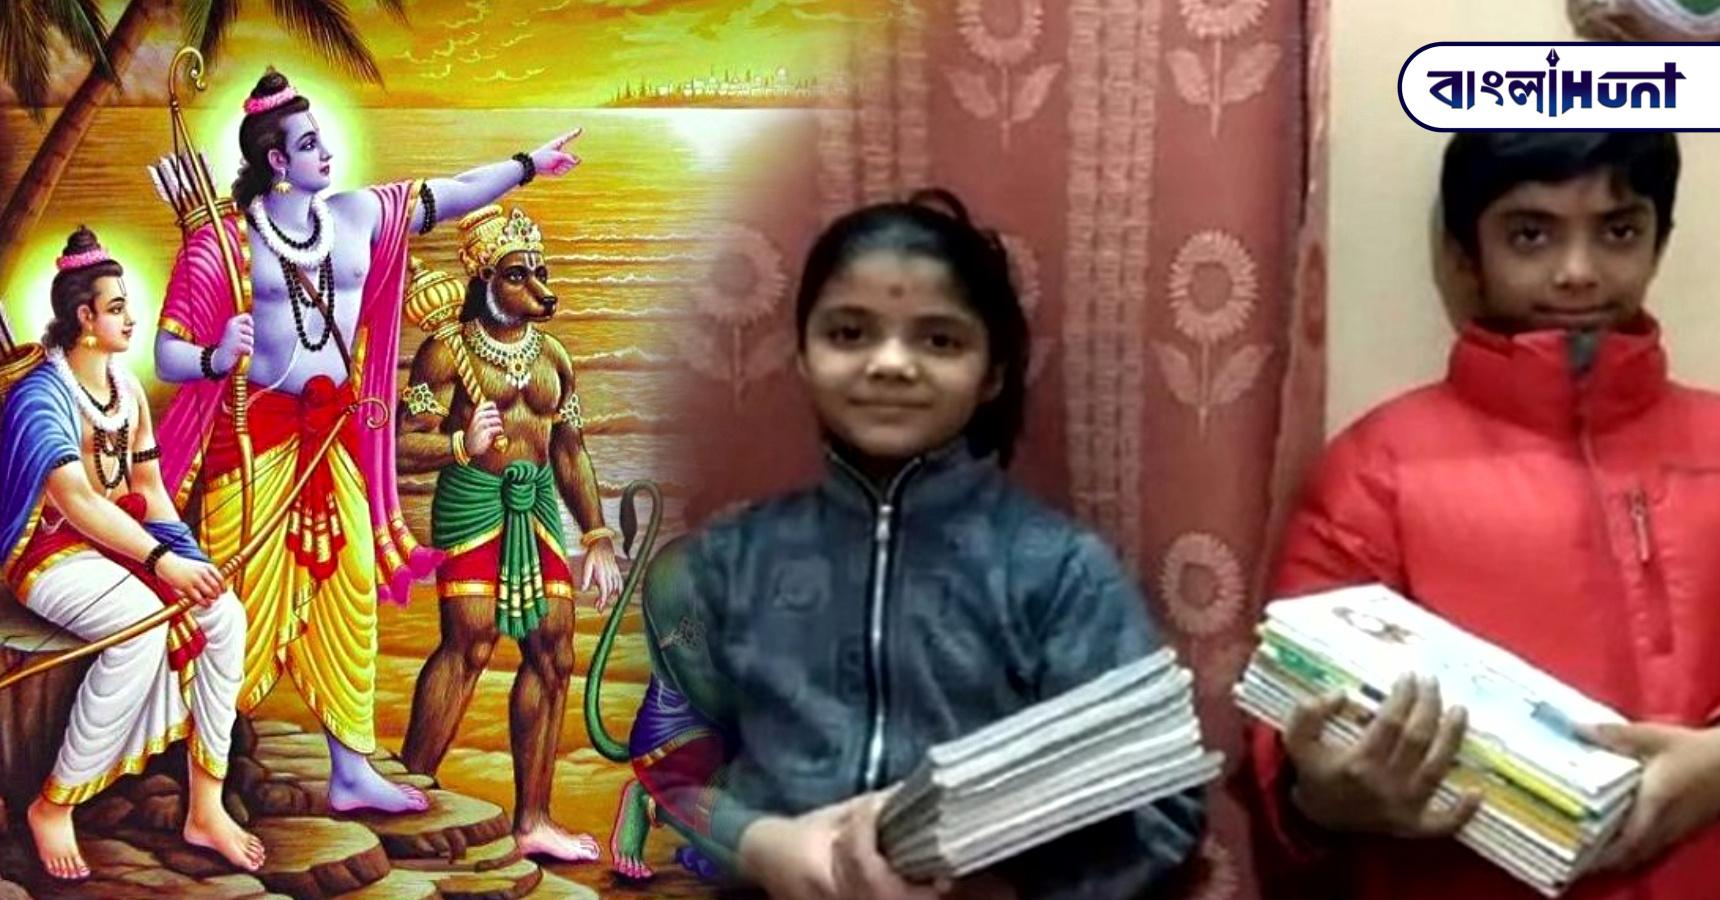 IMG 20210110 210956 Bangla Hunt Bengali News